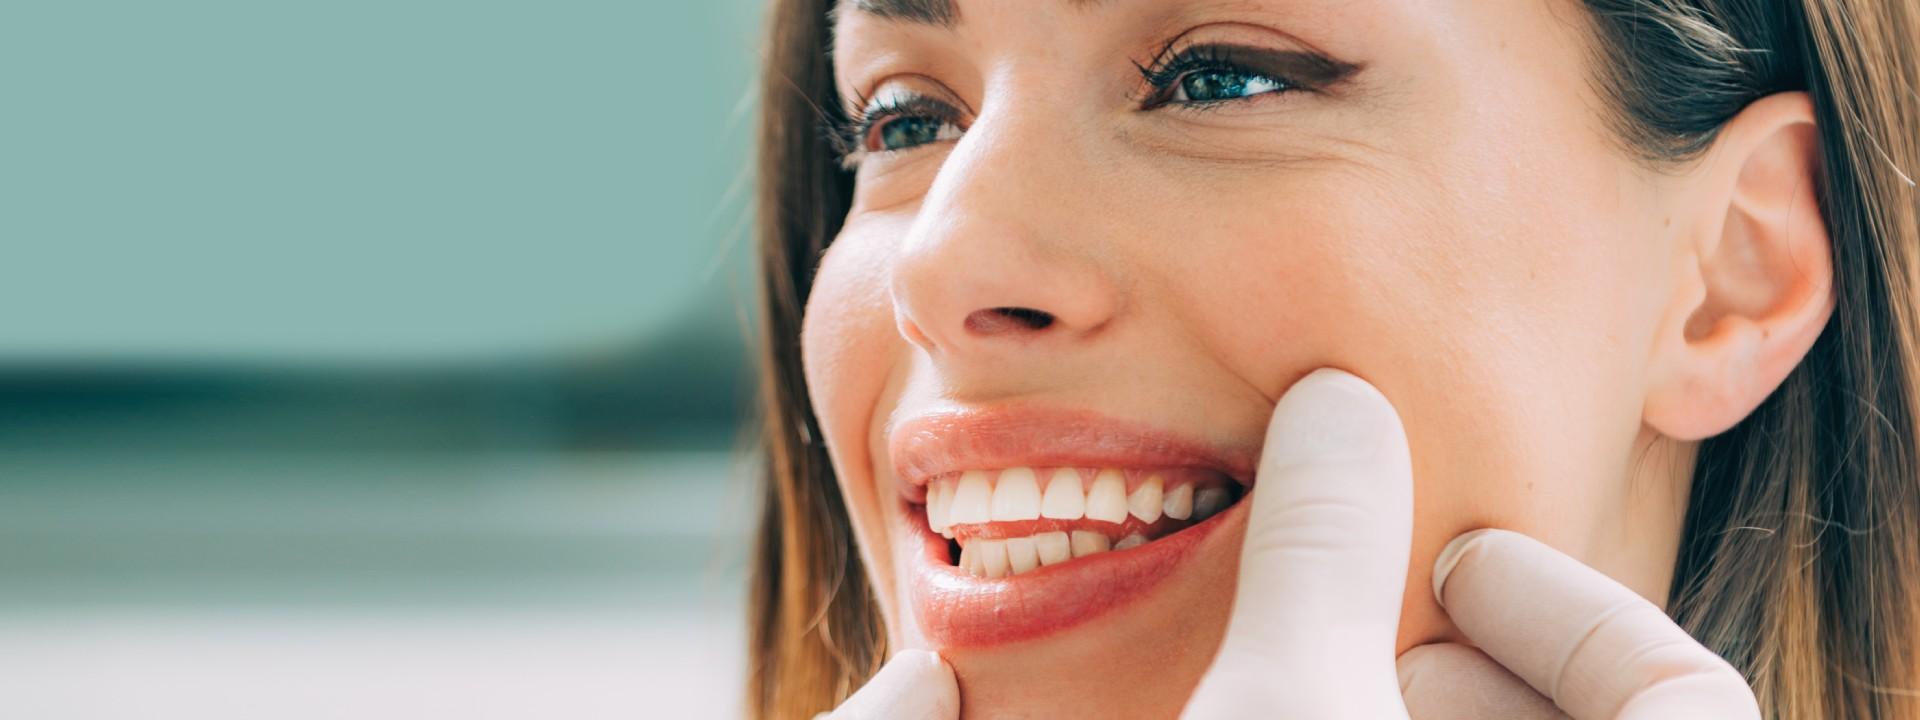 dentista roma midental